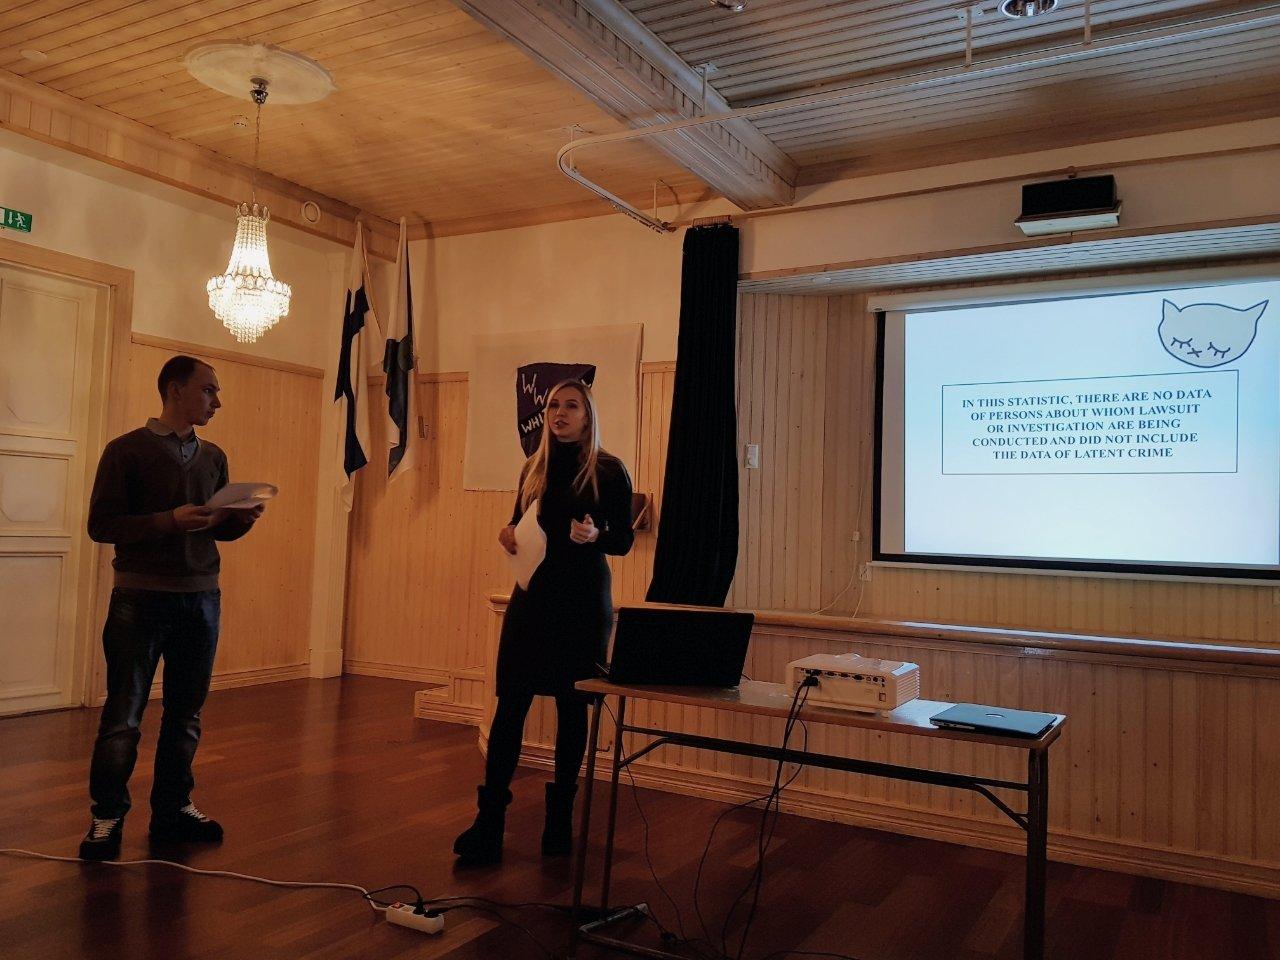 Івано-Франківські студенти презентували свій науковий проект у Фінляндії. ФОТО, фото-3